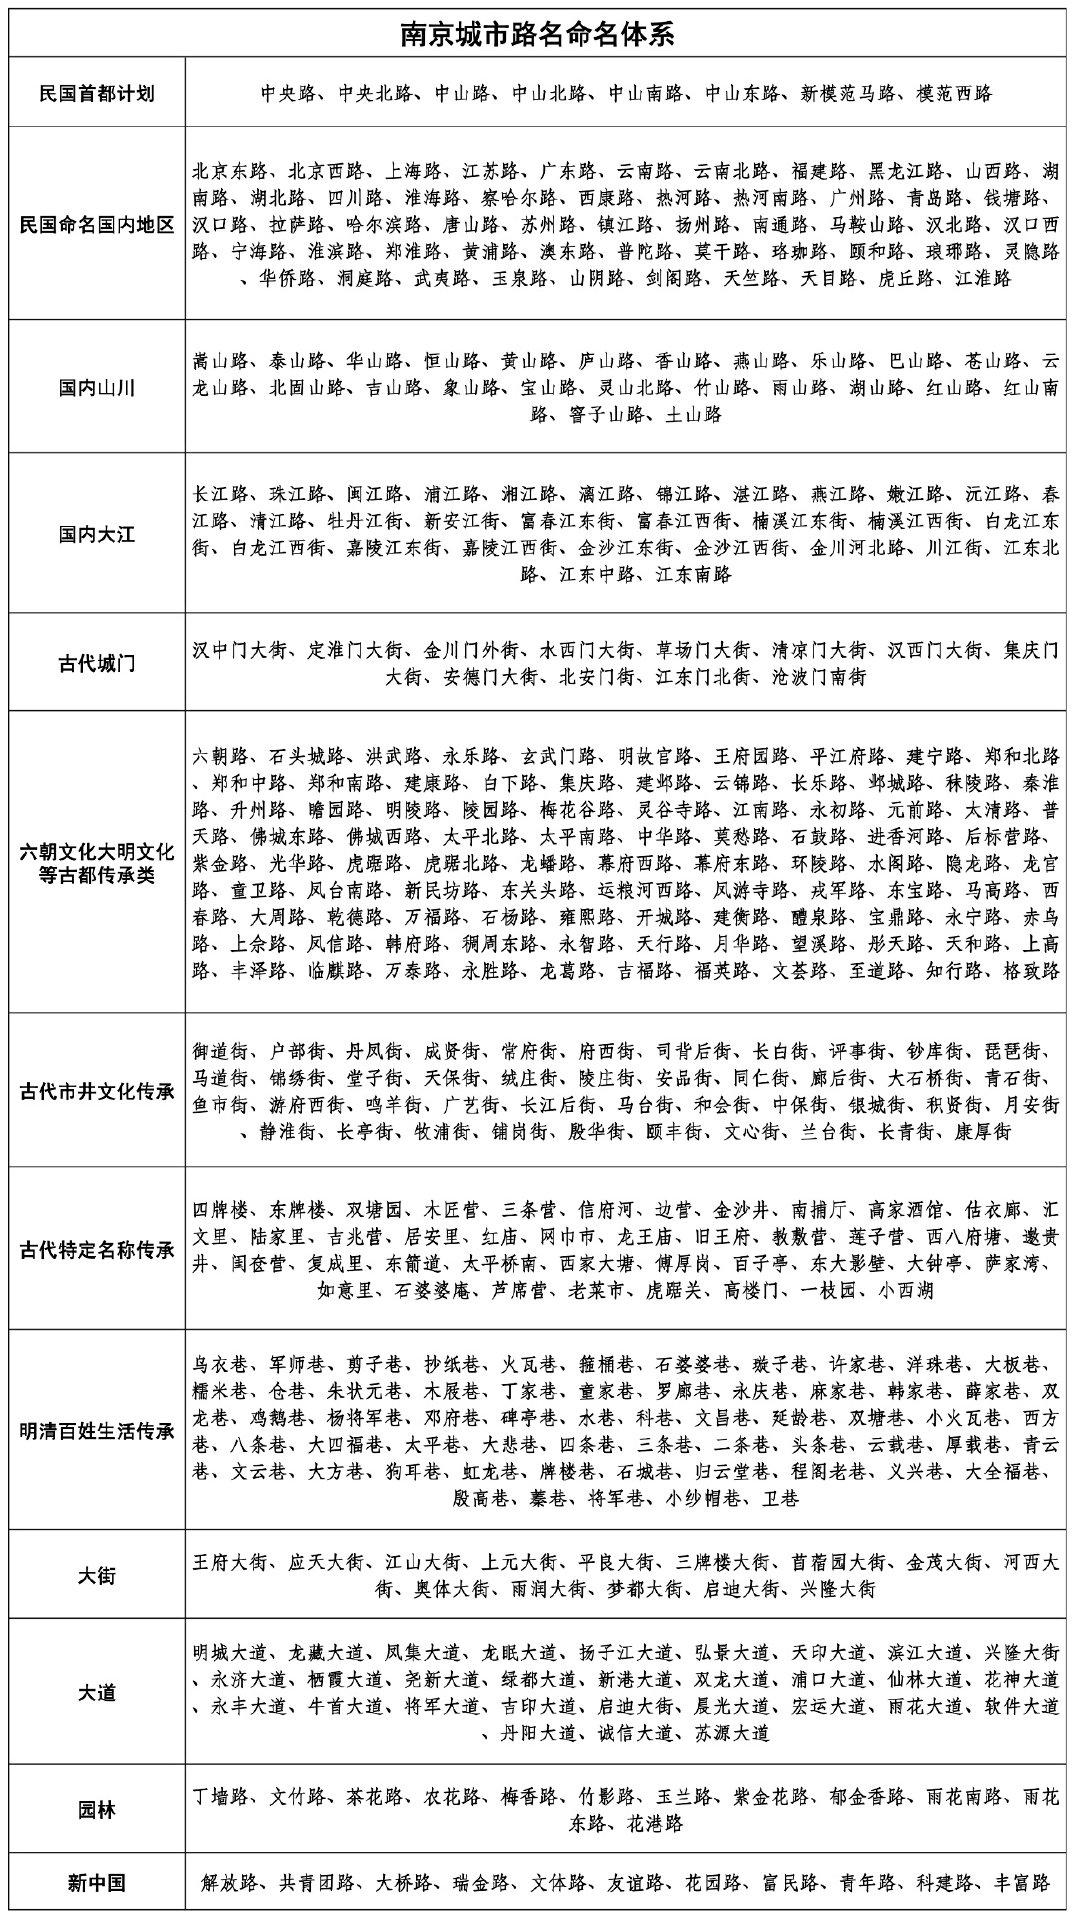 《北京东路的日子》十年再聚,2010版与2020版对比 www.hiquer.com 第2张